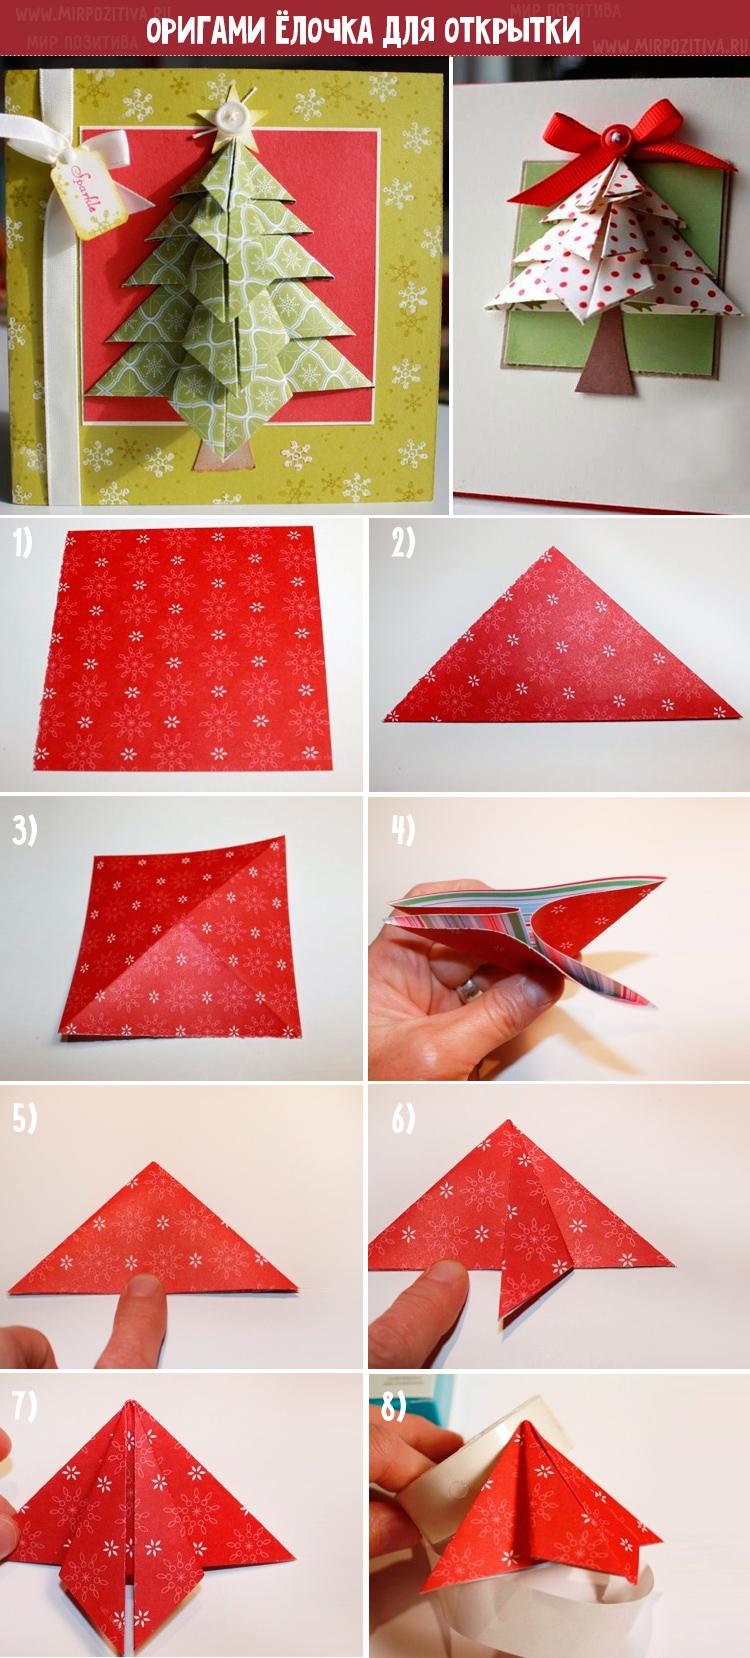 Рисунки и схемы вязания от горловины